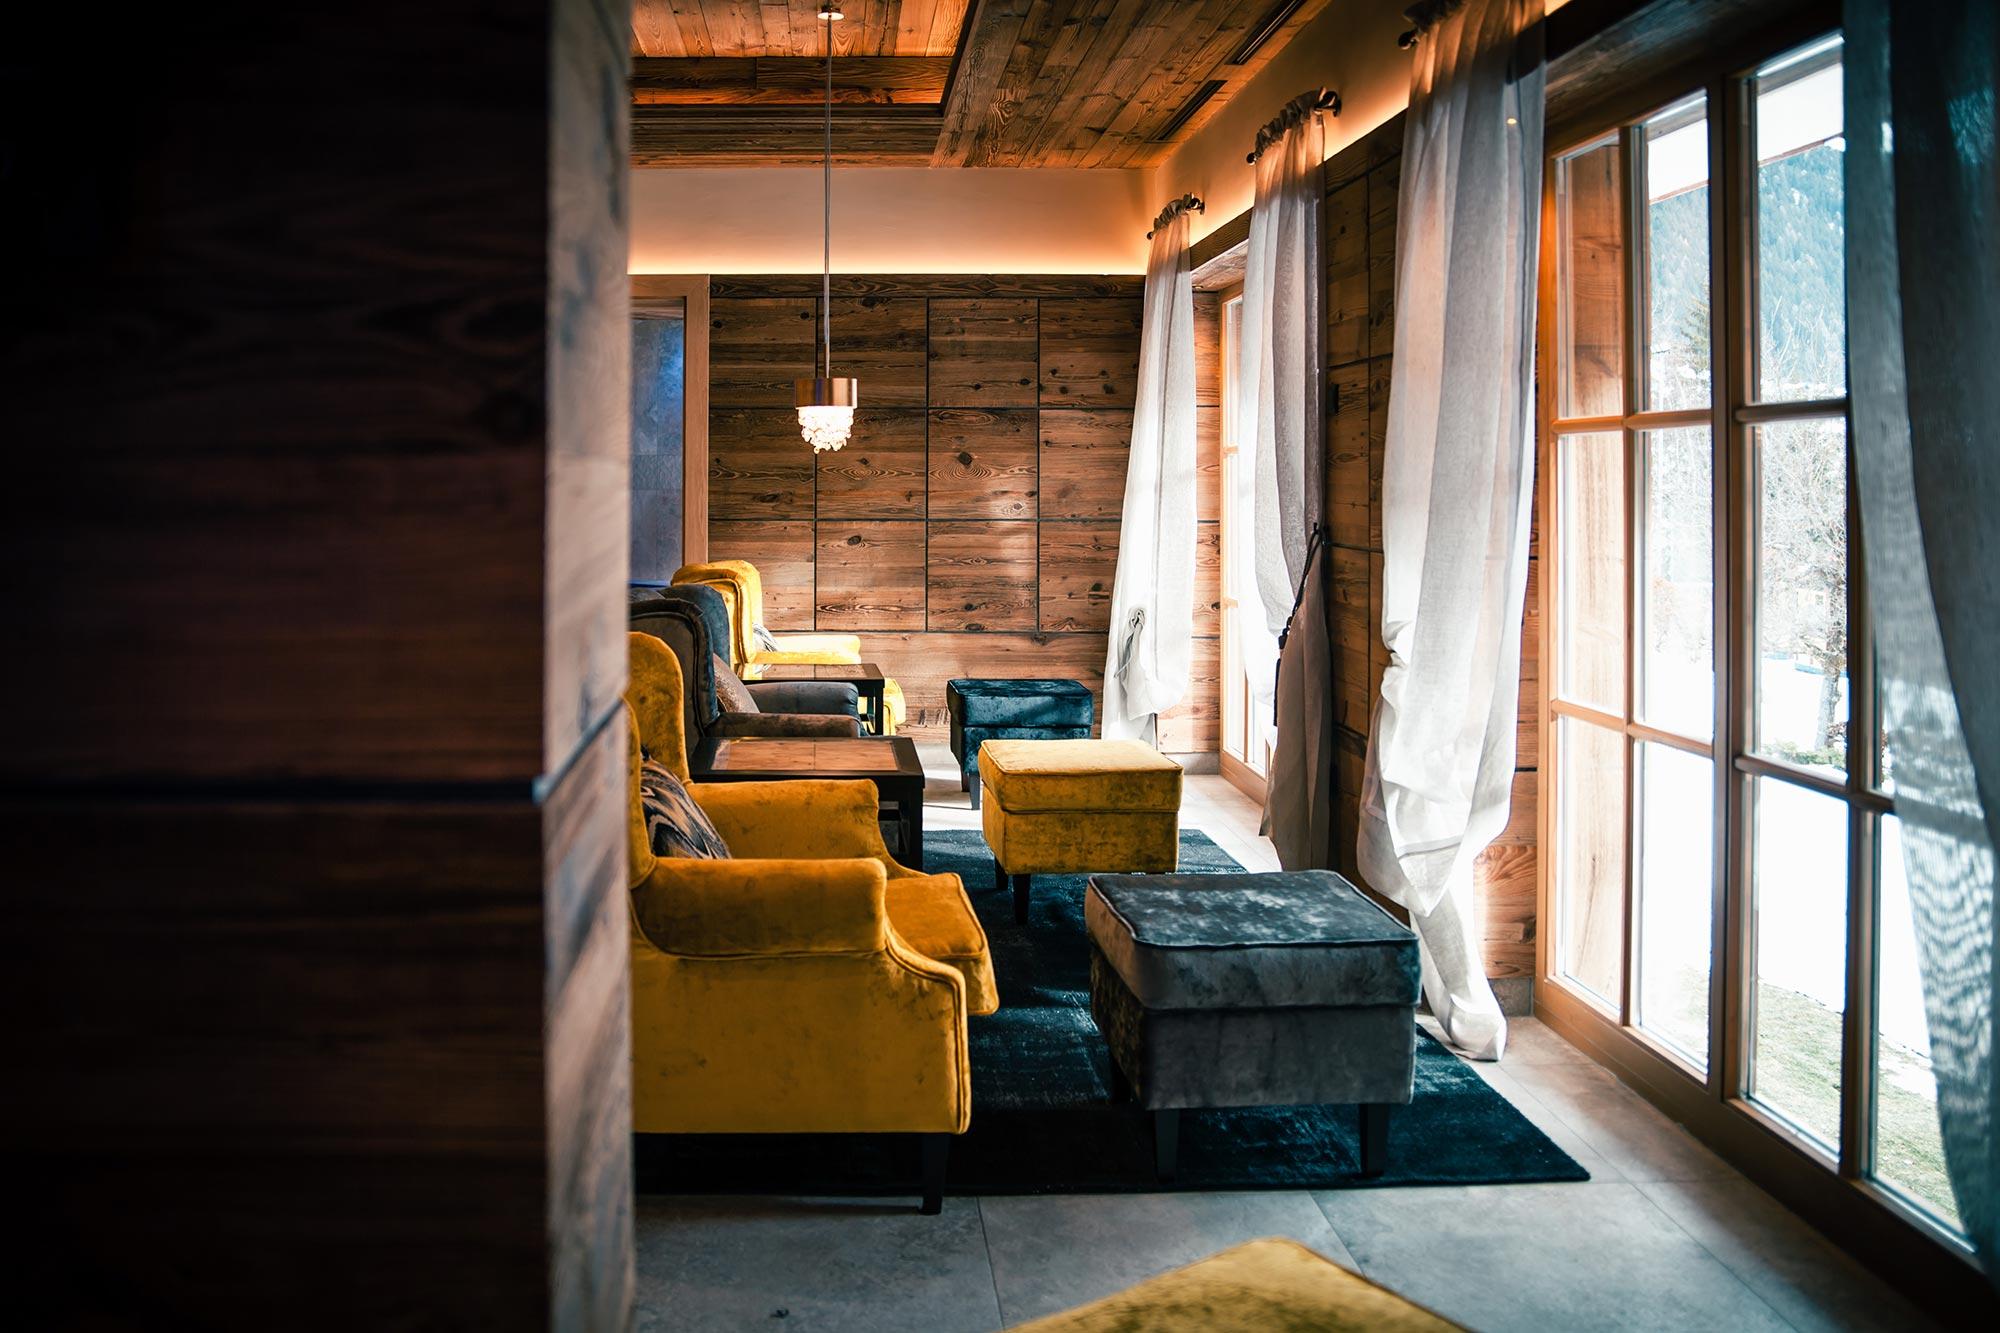 Salon fauteuil jaune et bleu devant des fenêtres avec vue neige